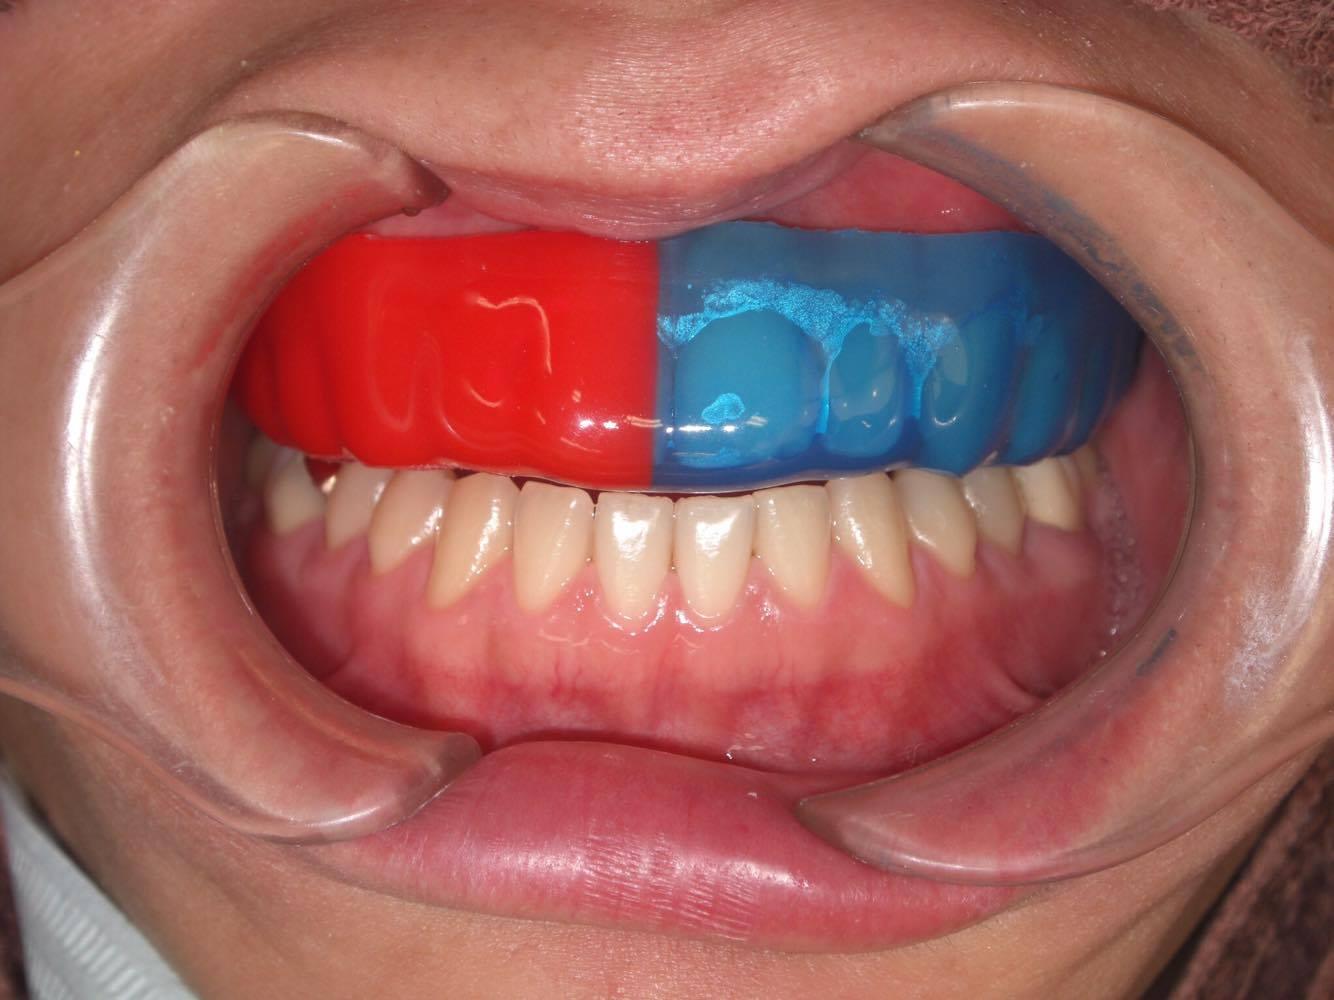 マウス ピース 歯ぎしり 夜間のマウスピースは4つの効果 エド日本橋歯科